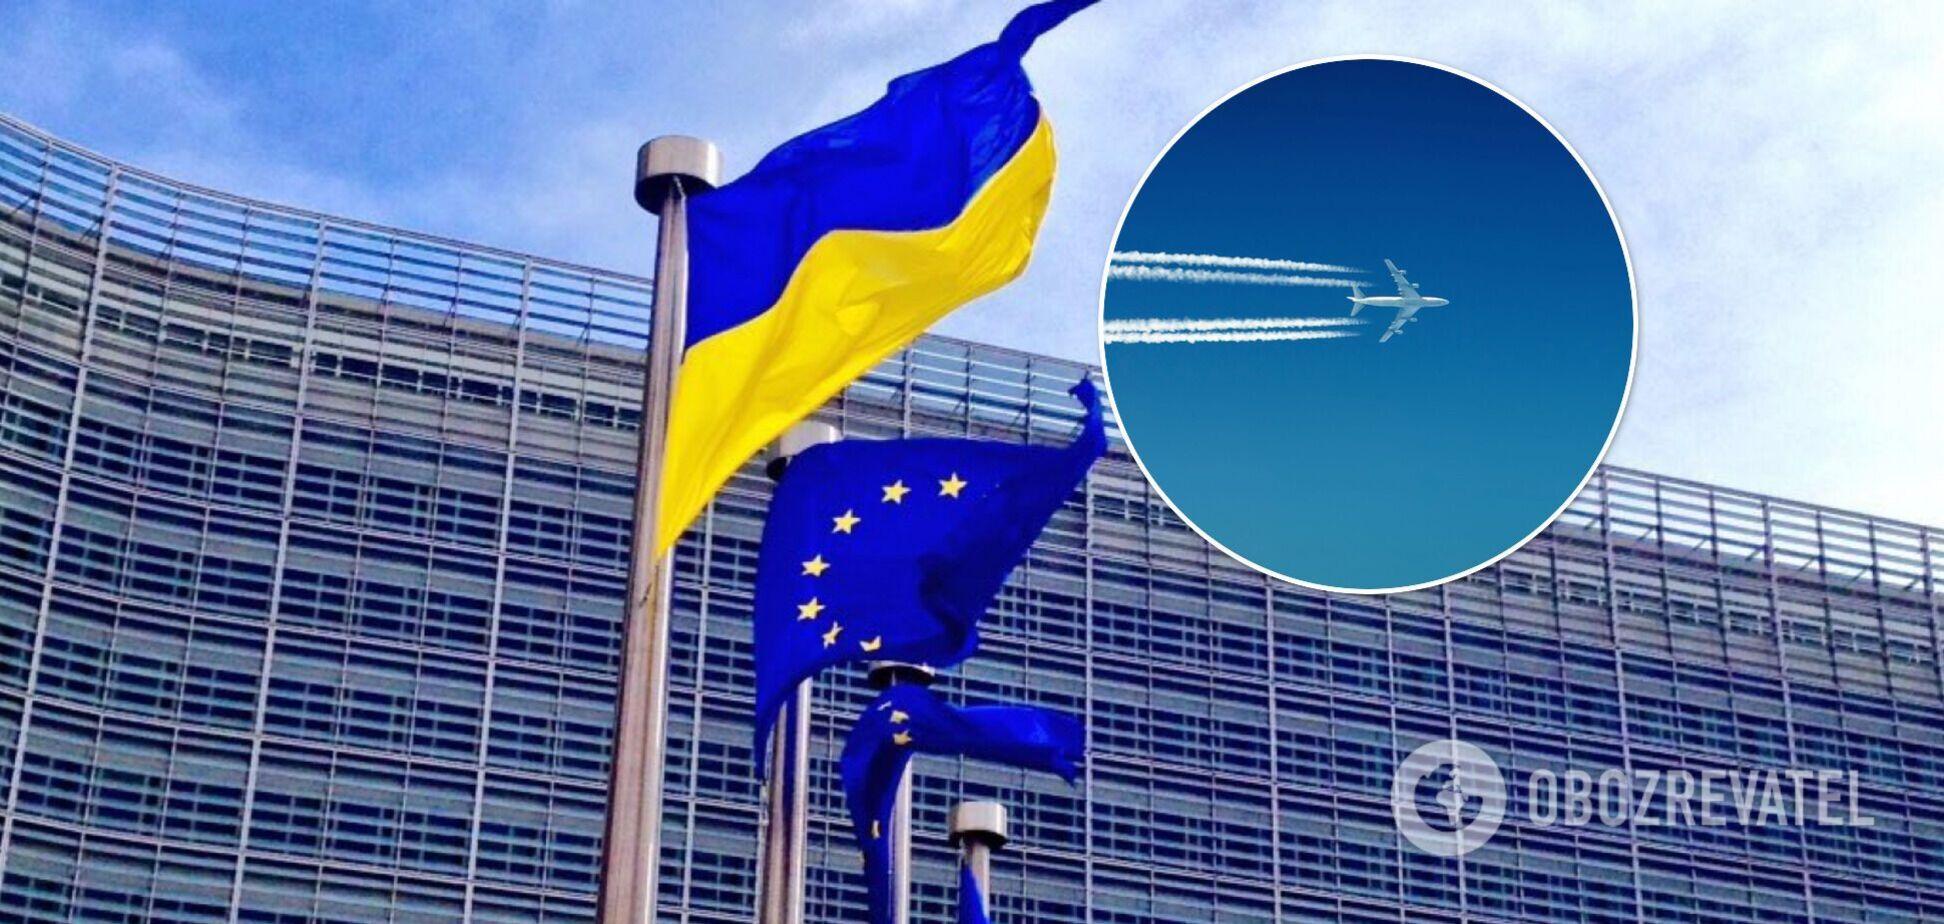 Єврокомісія схвалила проєкт угоди про спільний авіапростір з Україною